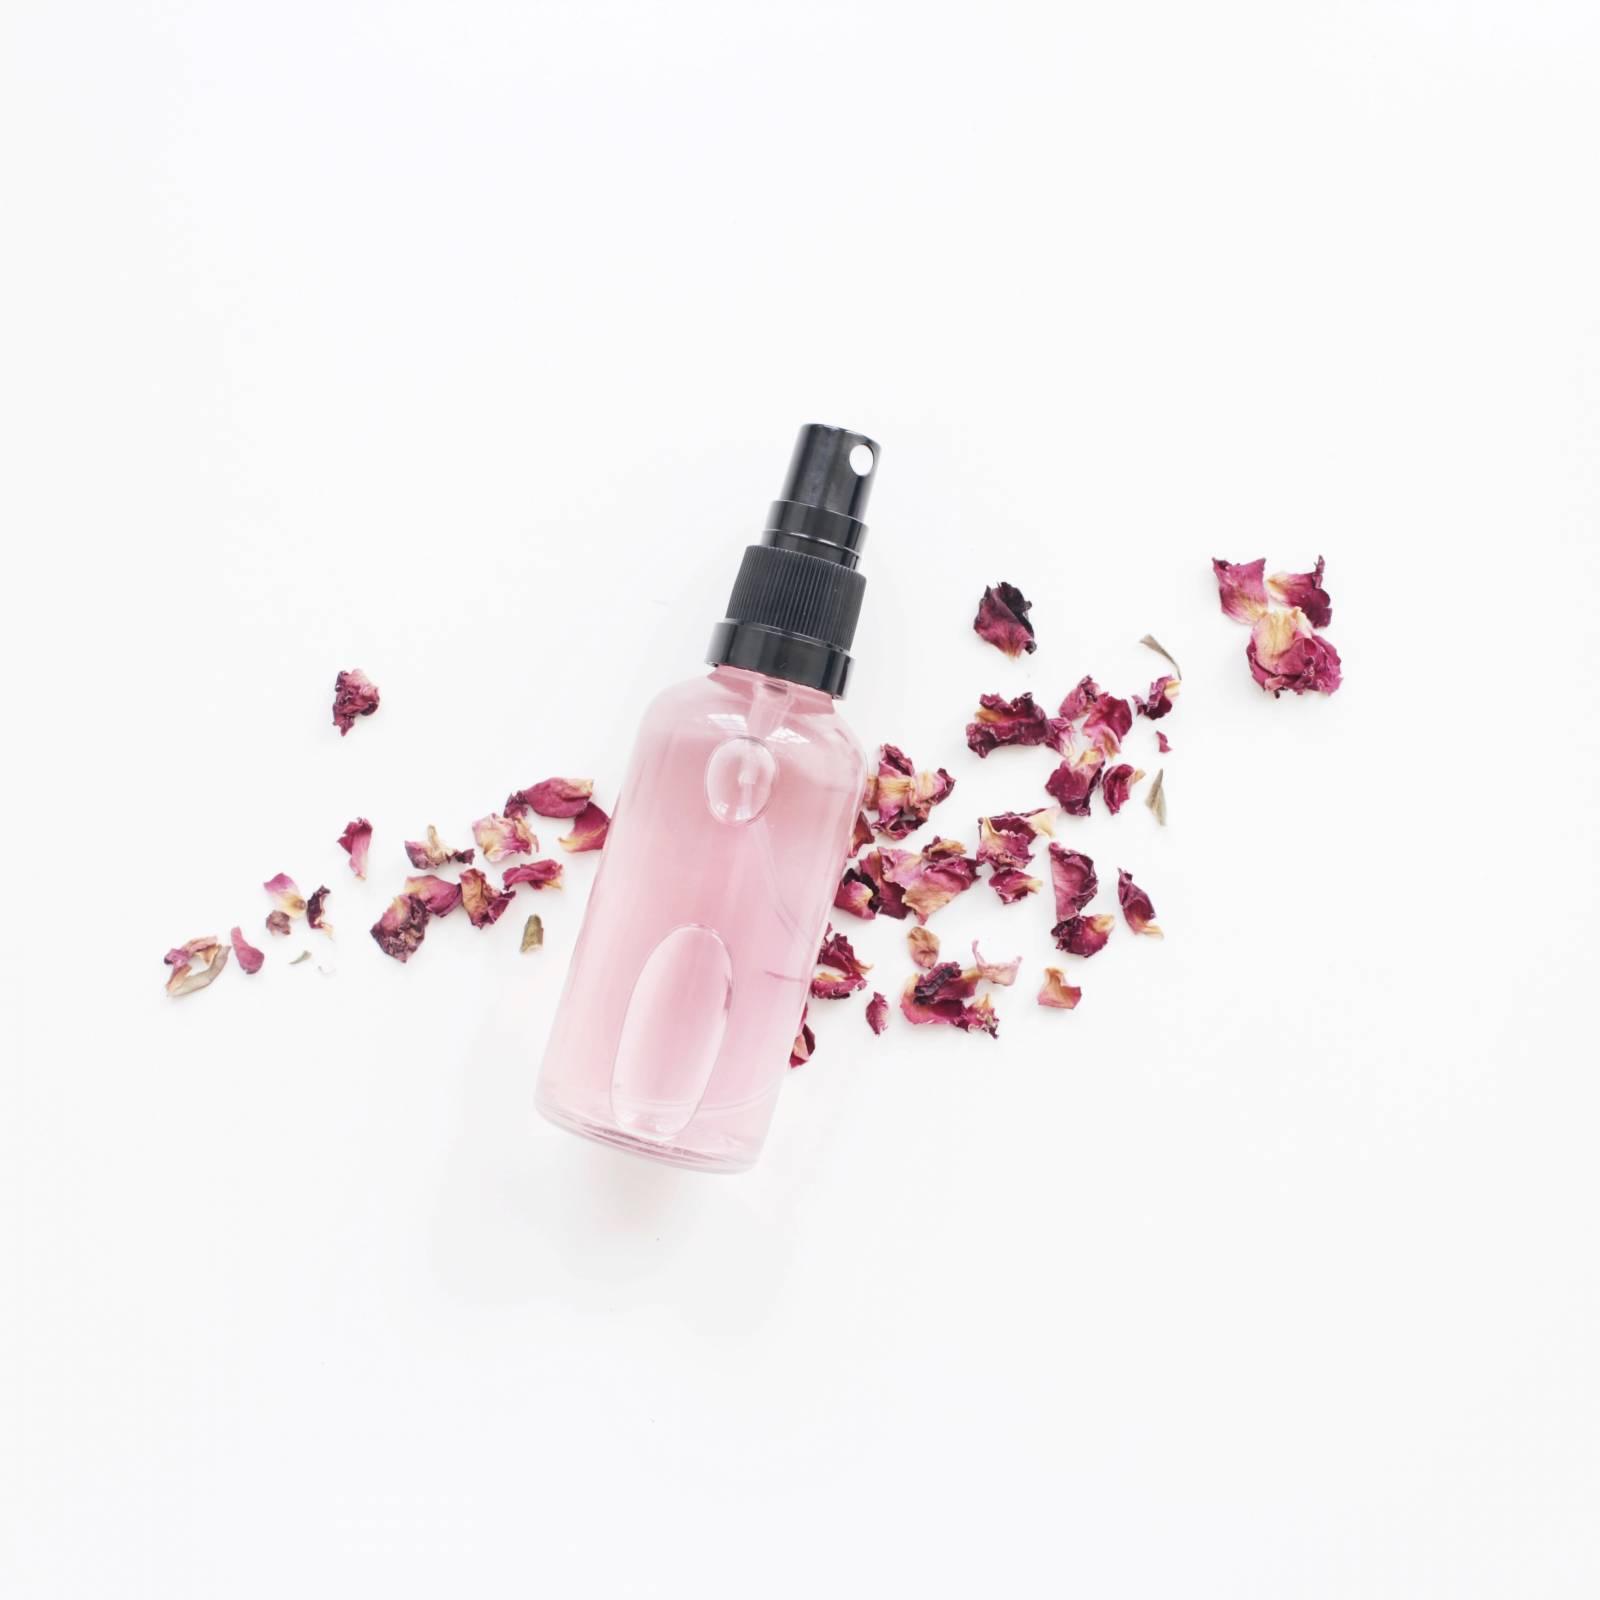 Tónico agua de rosas: beneficios y cómo hacer uno